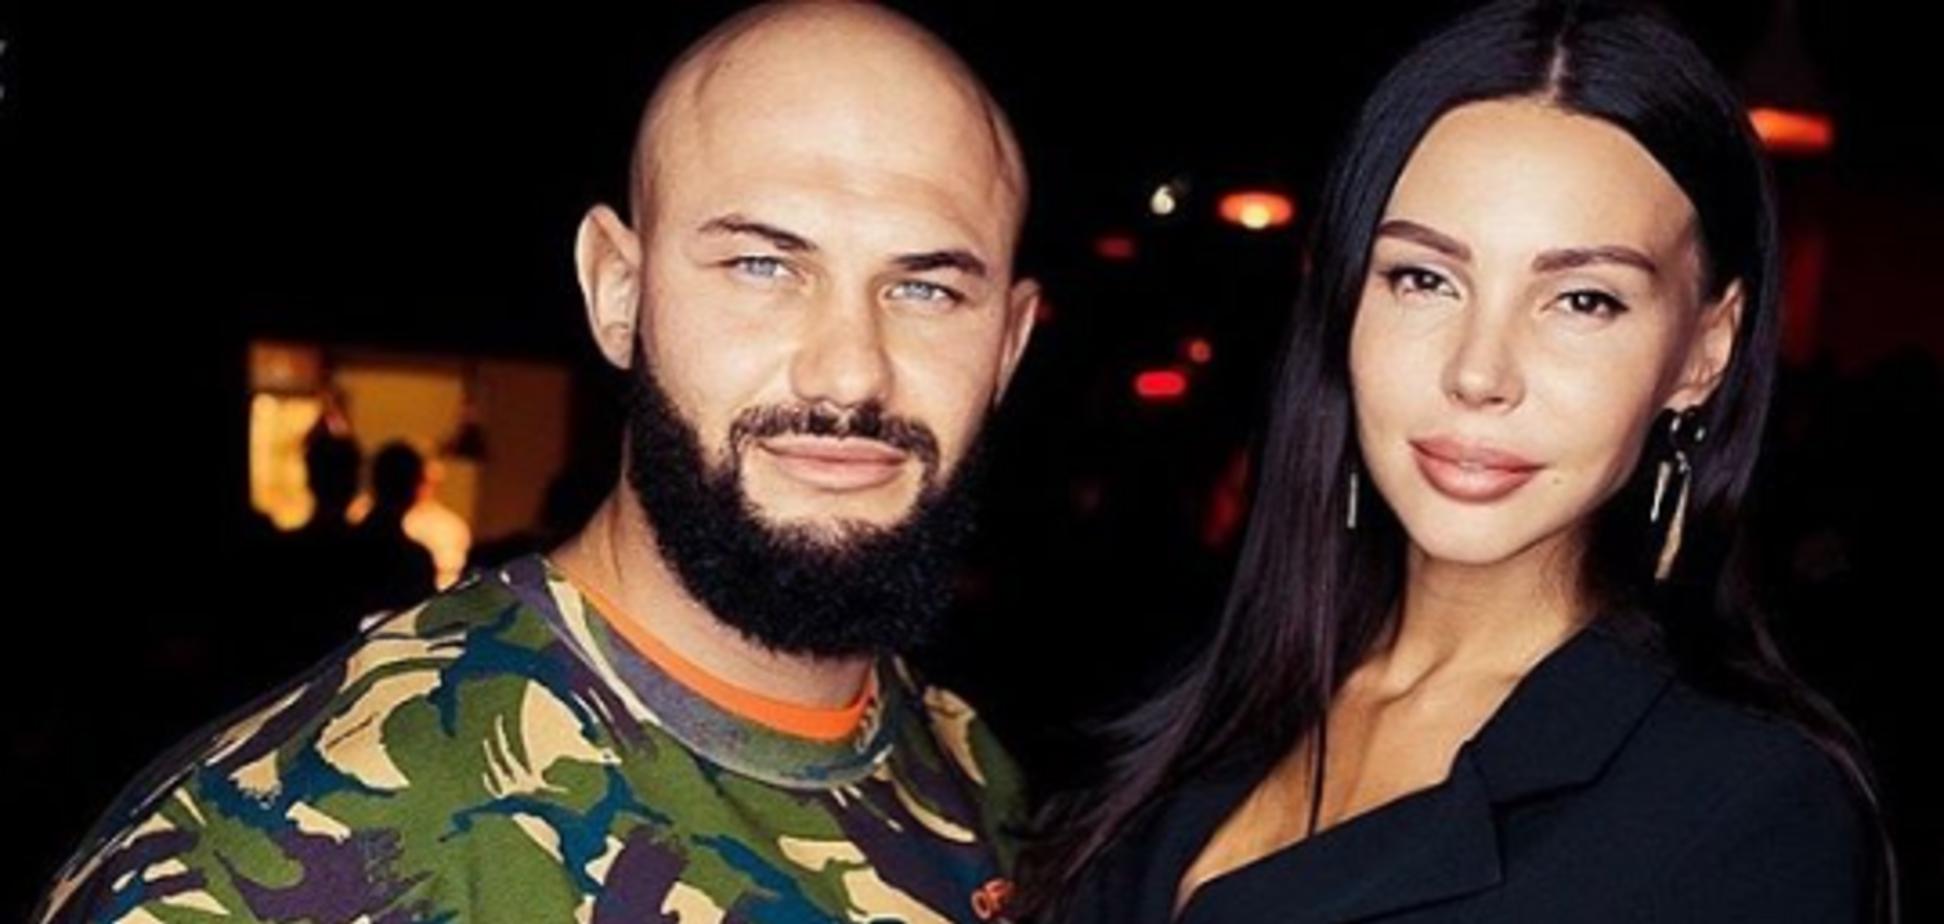 Джиган намекнул на примирение с Самойловой: опубликовано трогательное фото пары